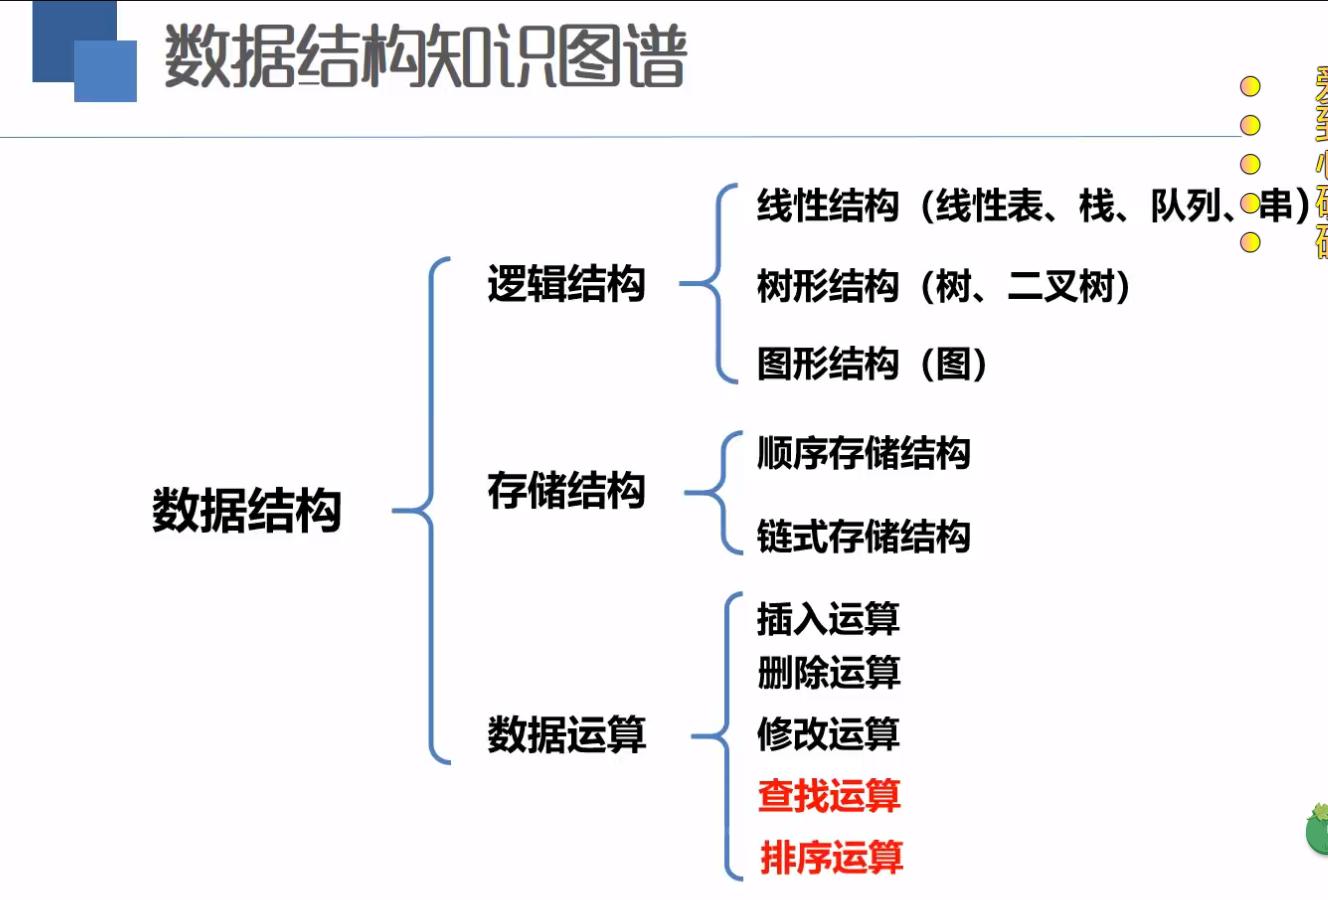 数据结构与算法C语言版 导论、抽象数据类型、顺序结构表的建立以及初始化测试